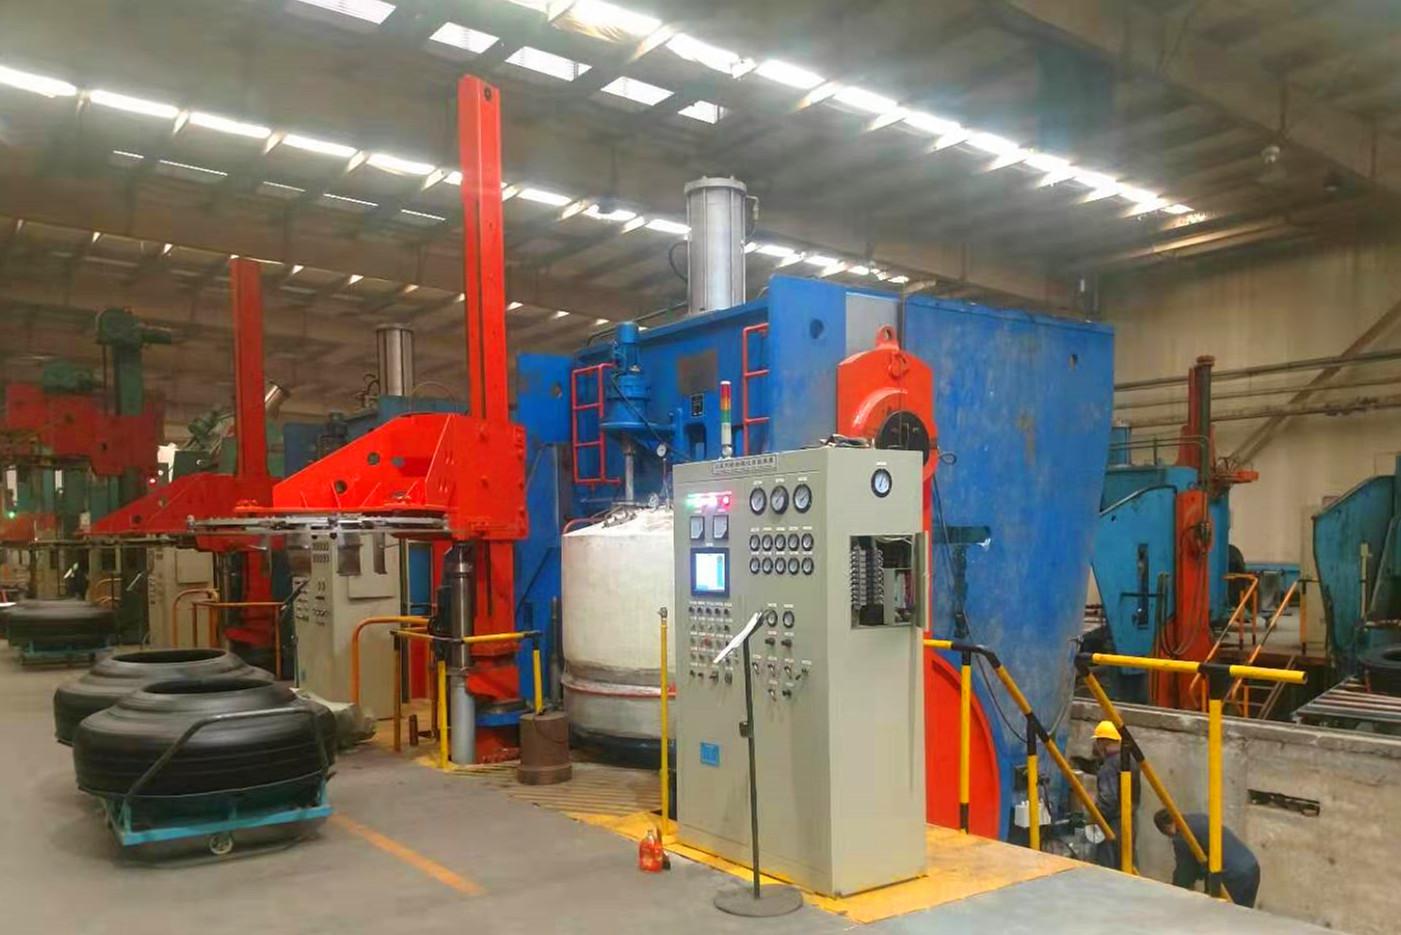 單模機械平移式硫化機 (1)